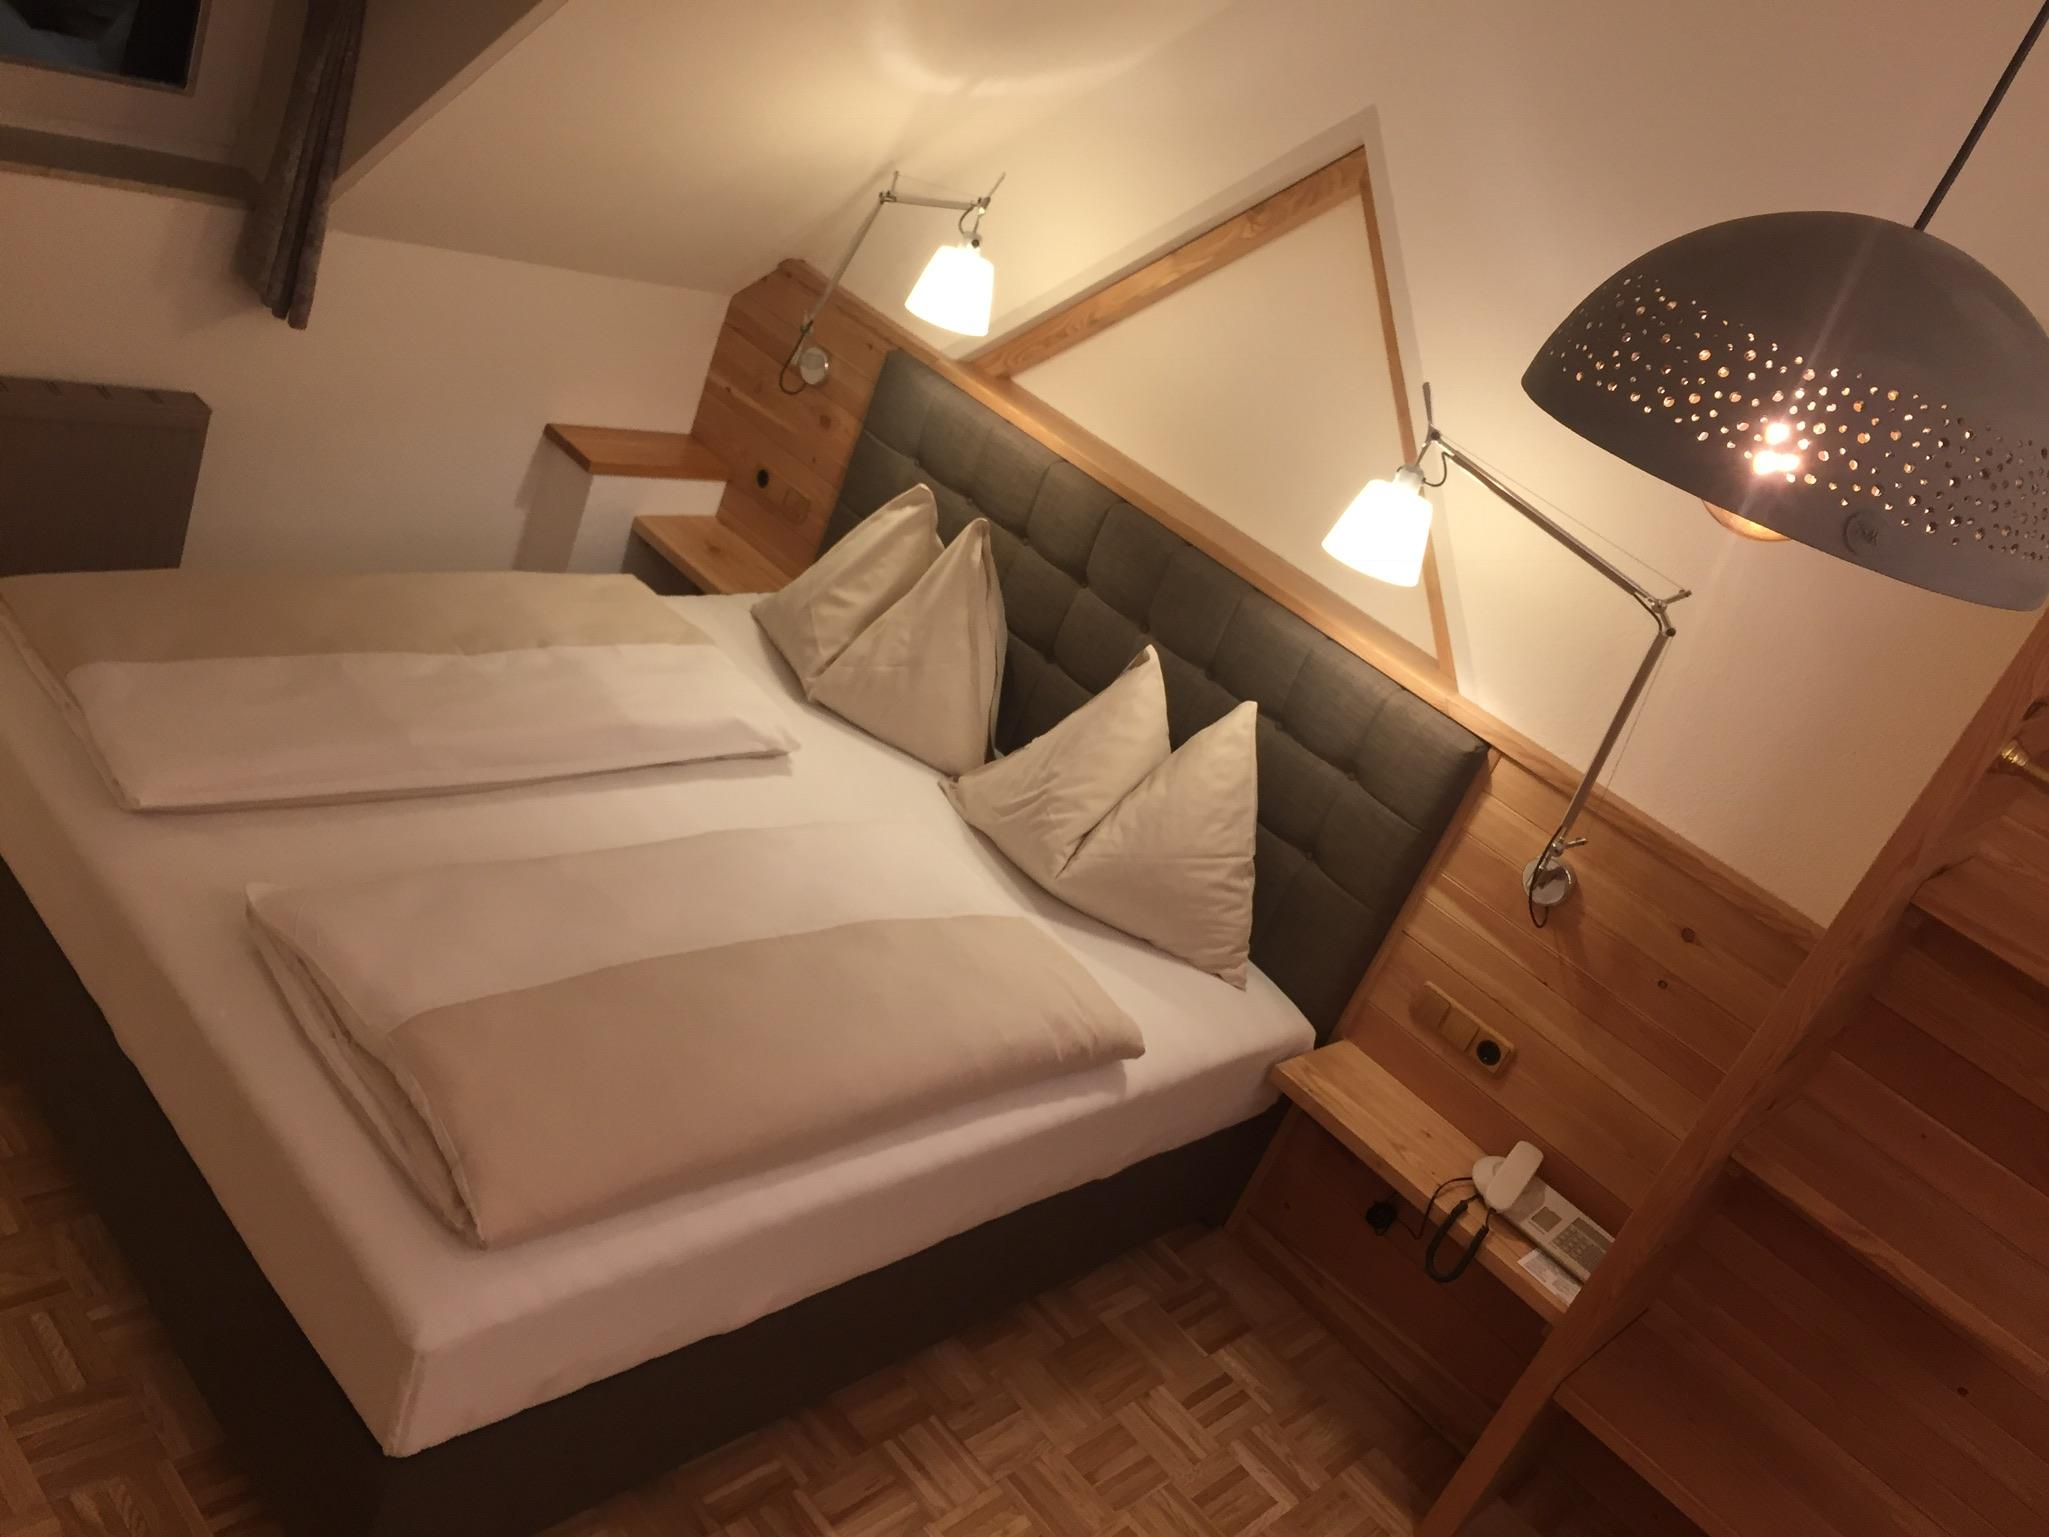 Zimmer mit Keramiklampe und Boxspringbett